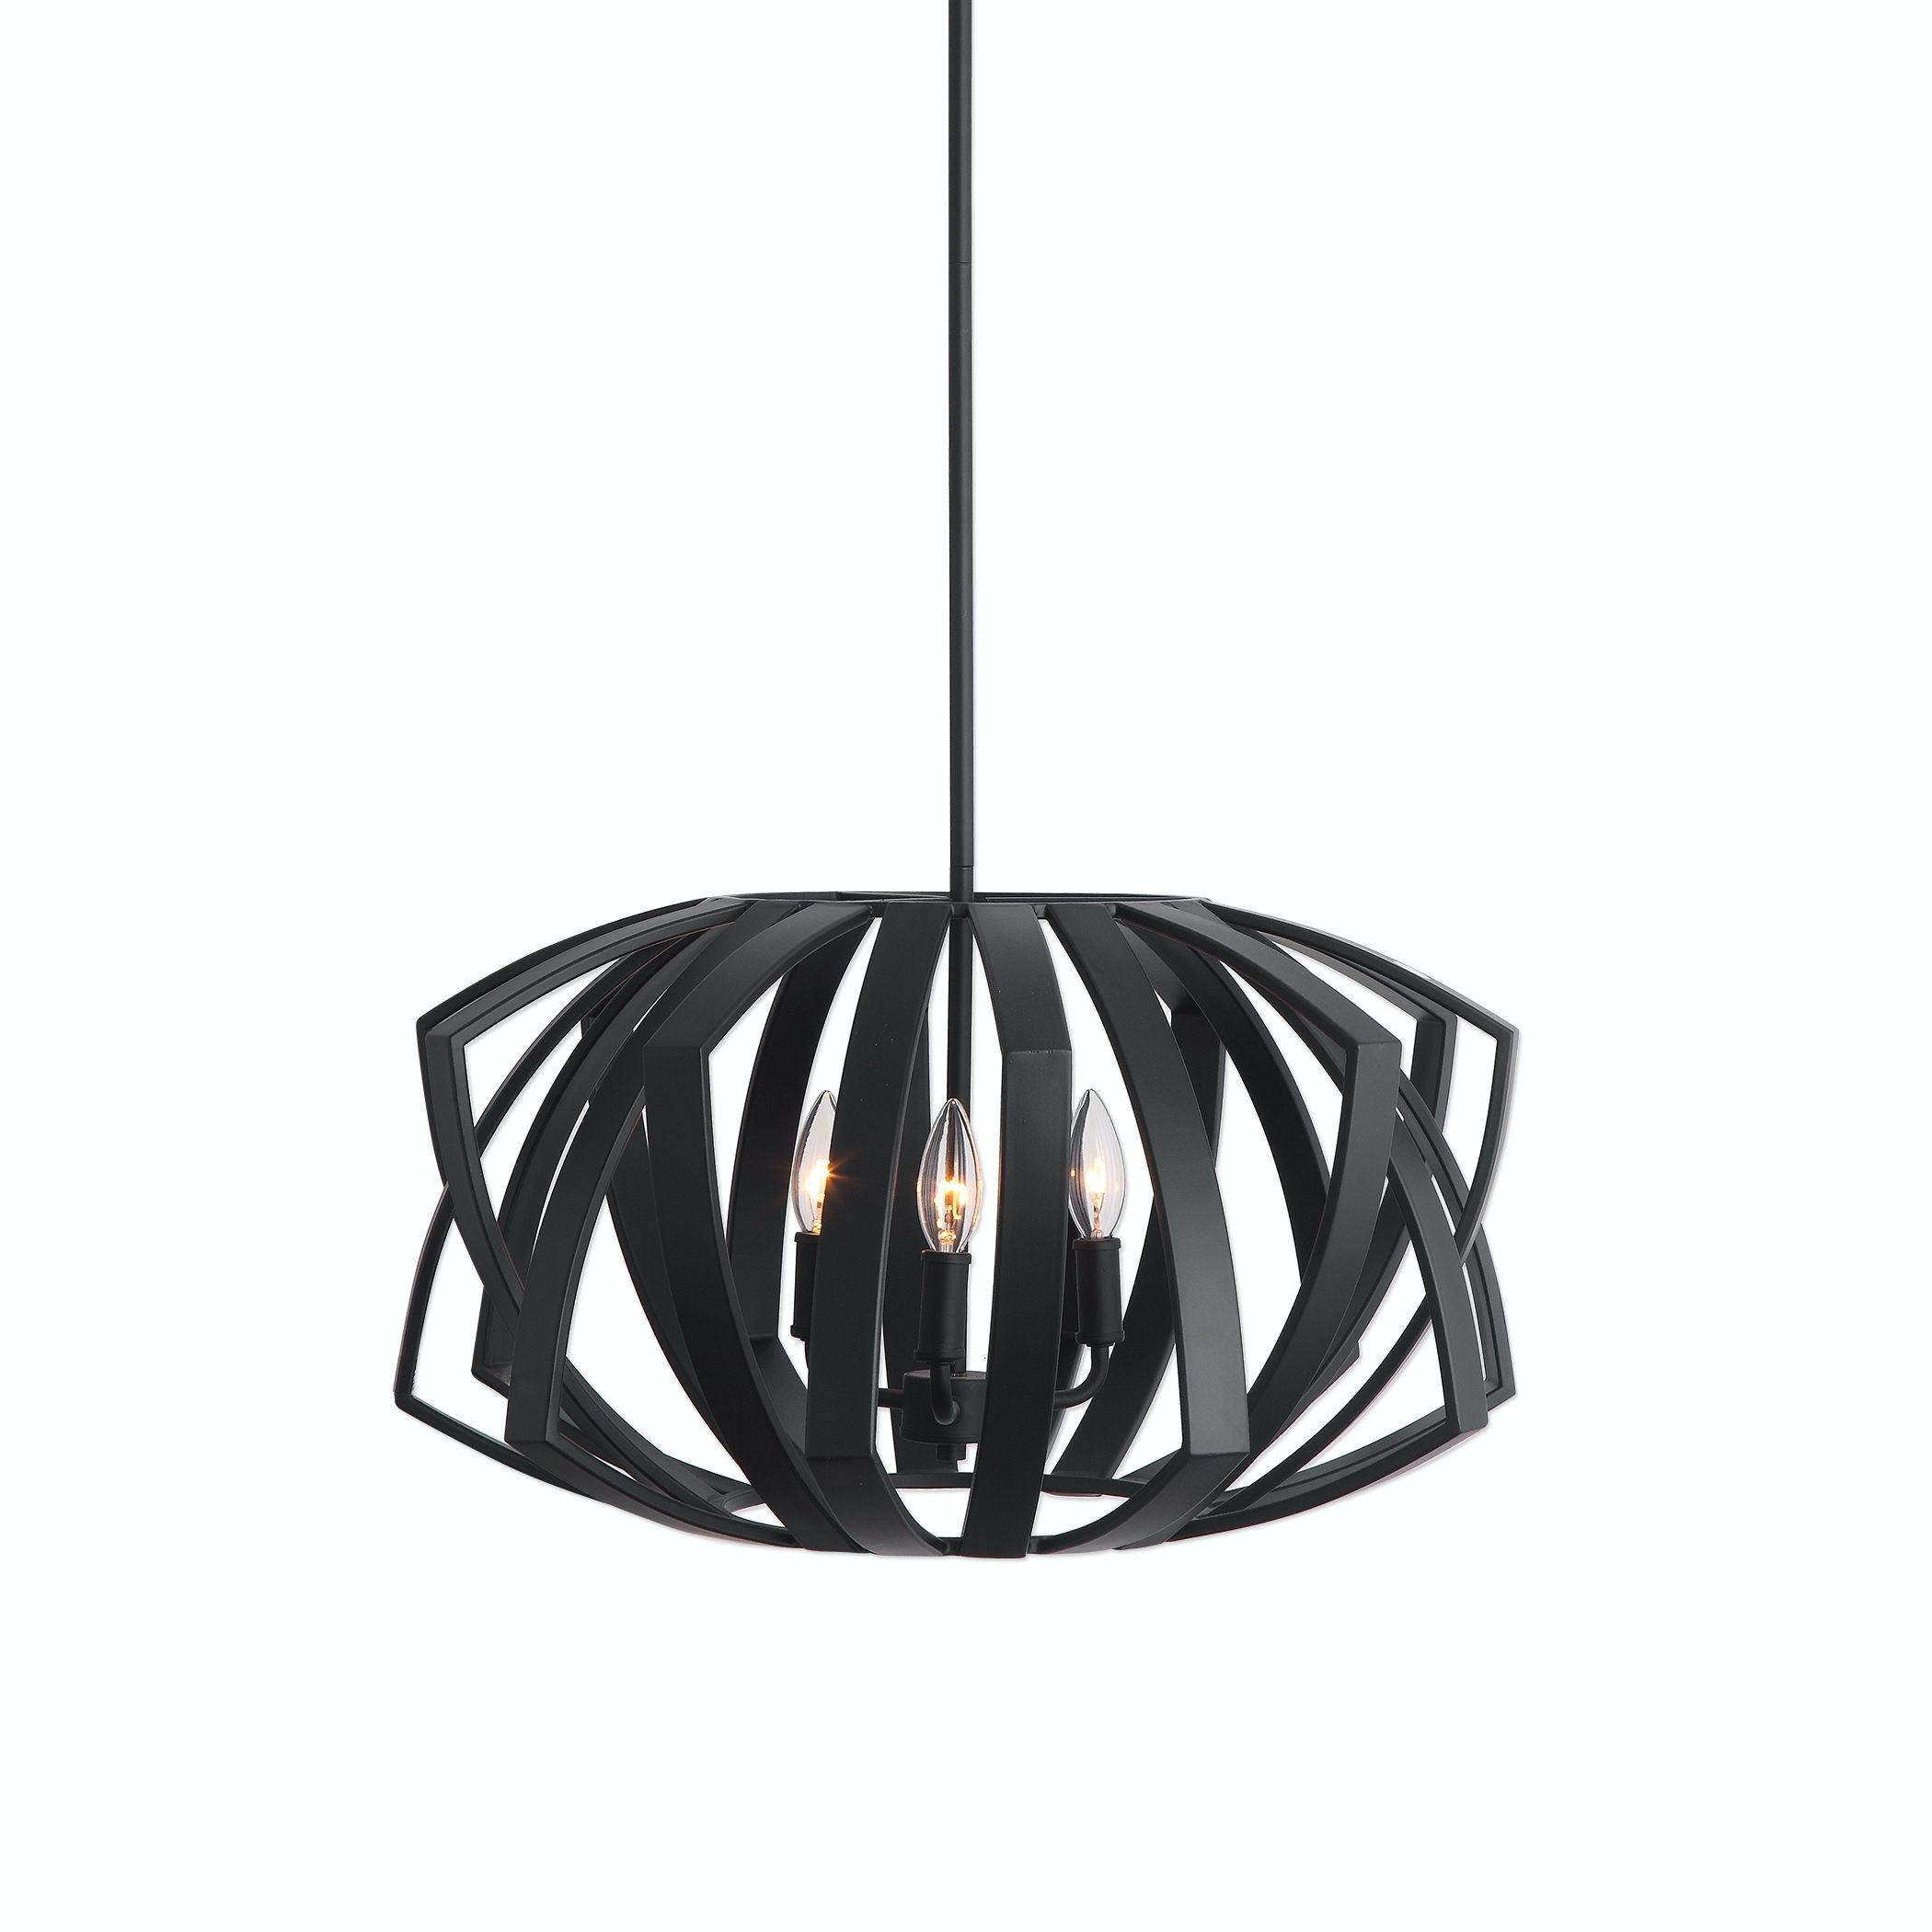 uttermost lighting pendant uttermost 21154 uttermost thales black geometric light pendant 22137 lamps and lighting